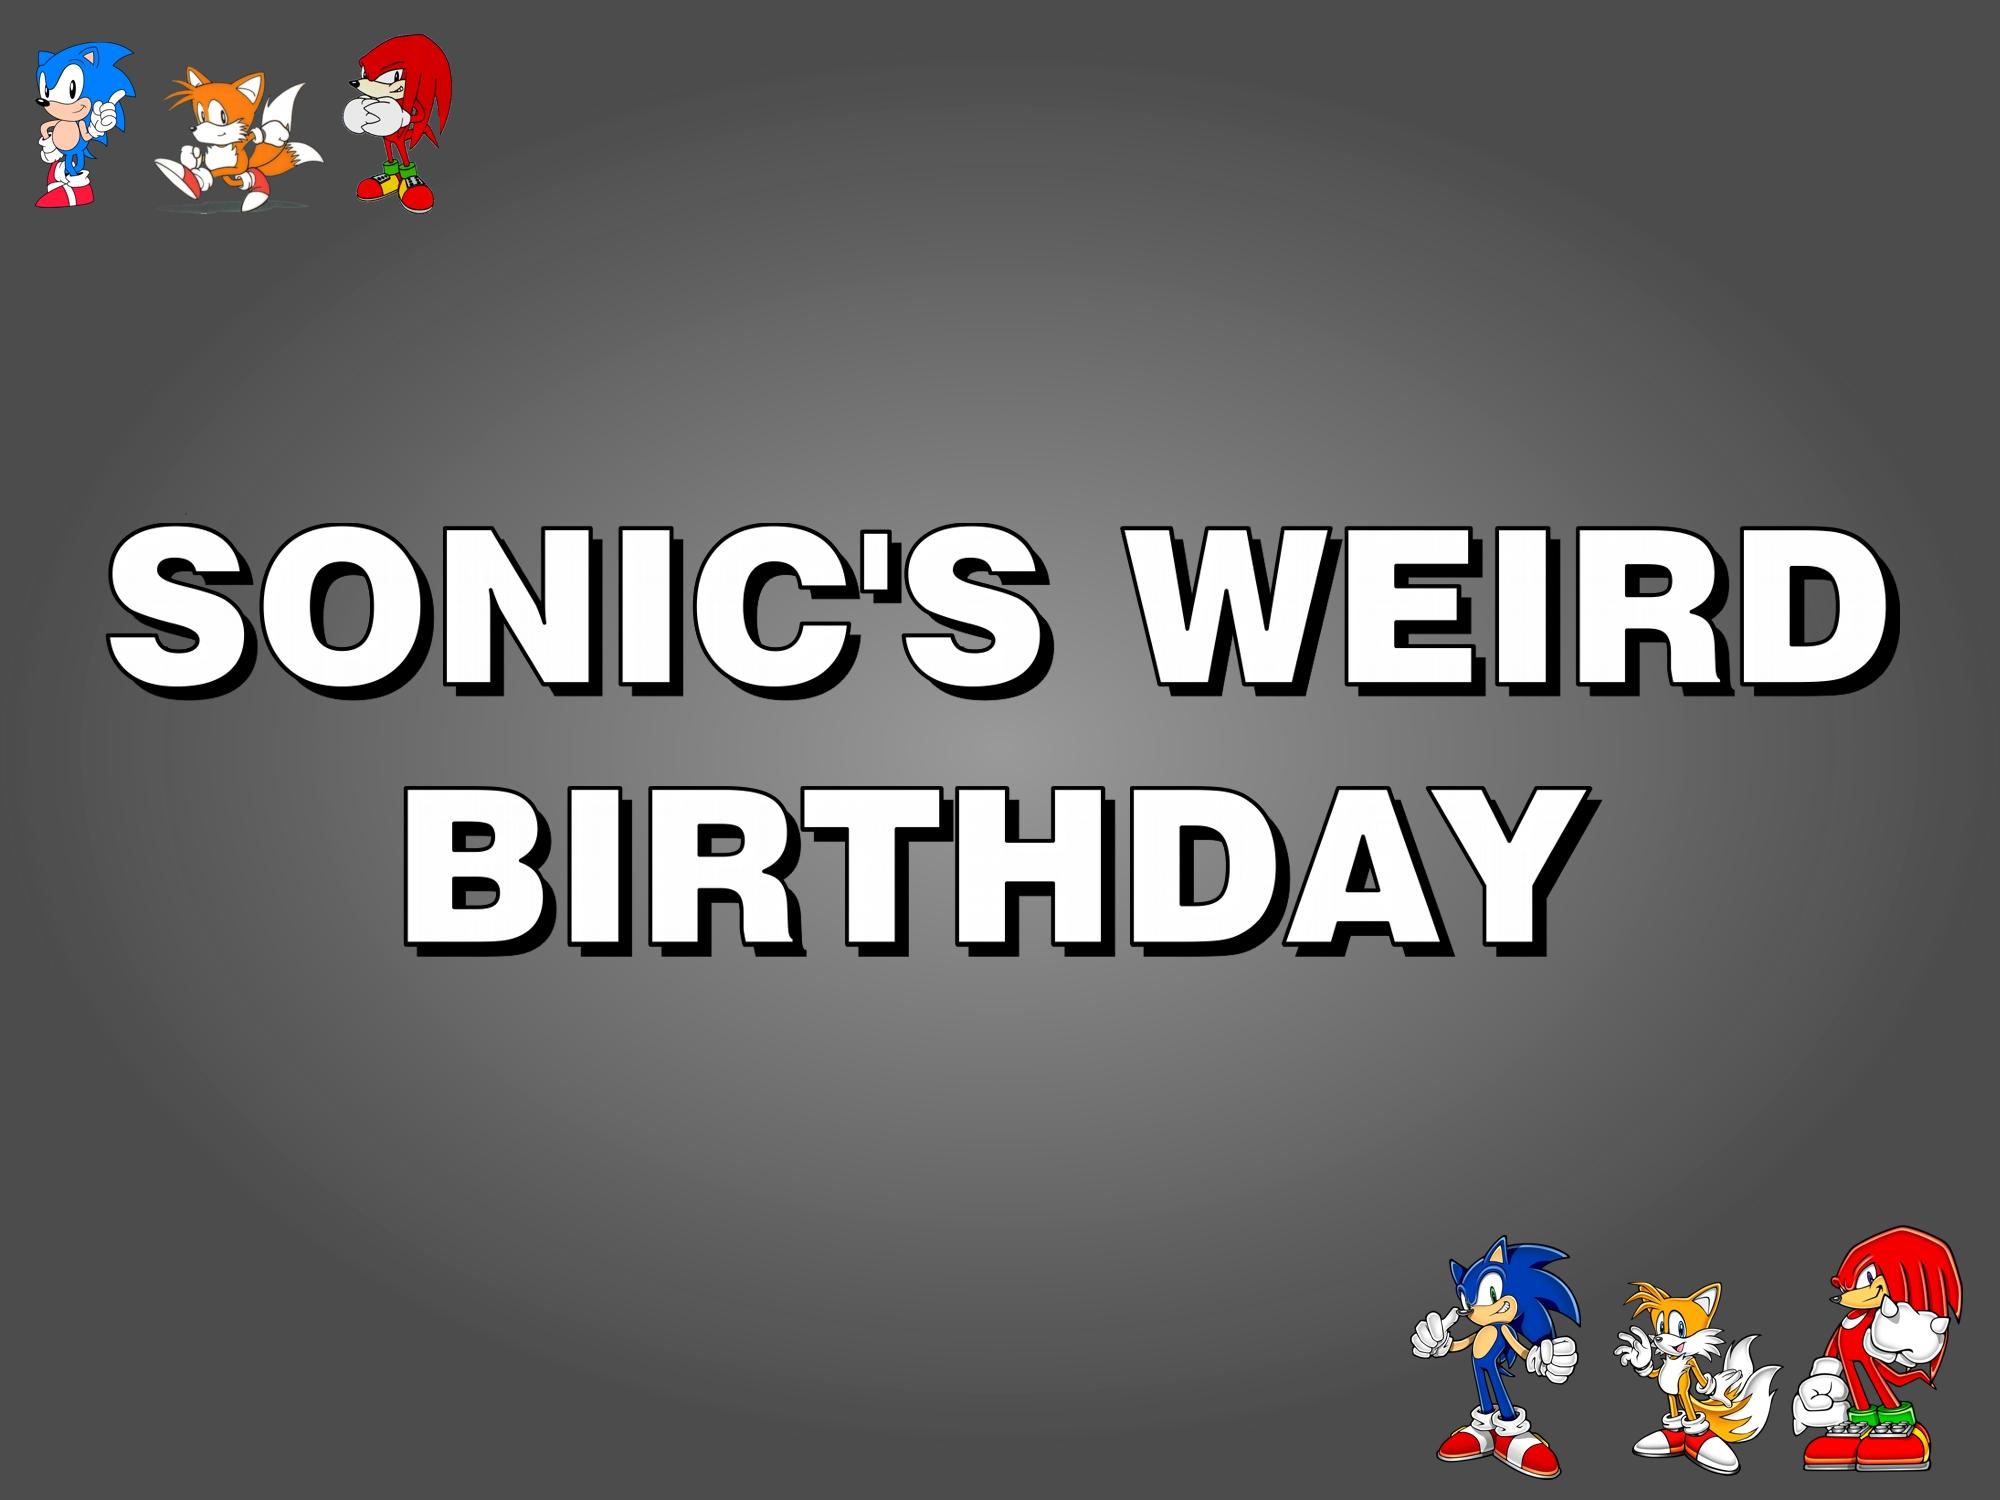 Sonic's Weird Birthday